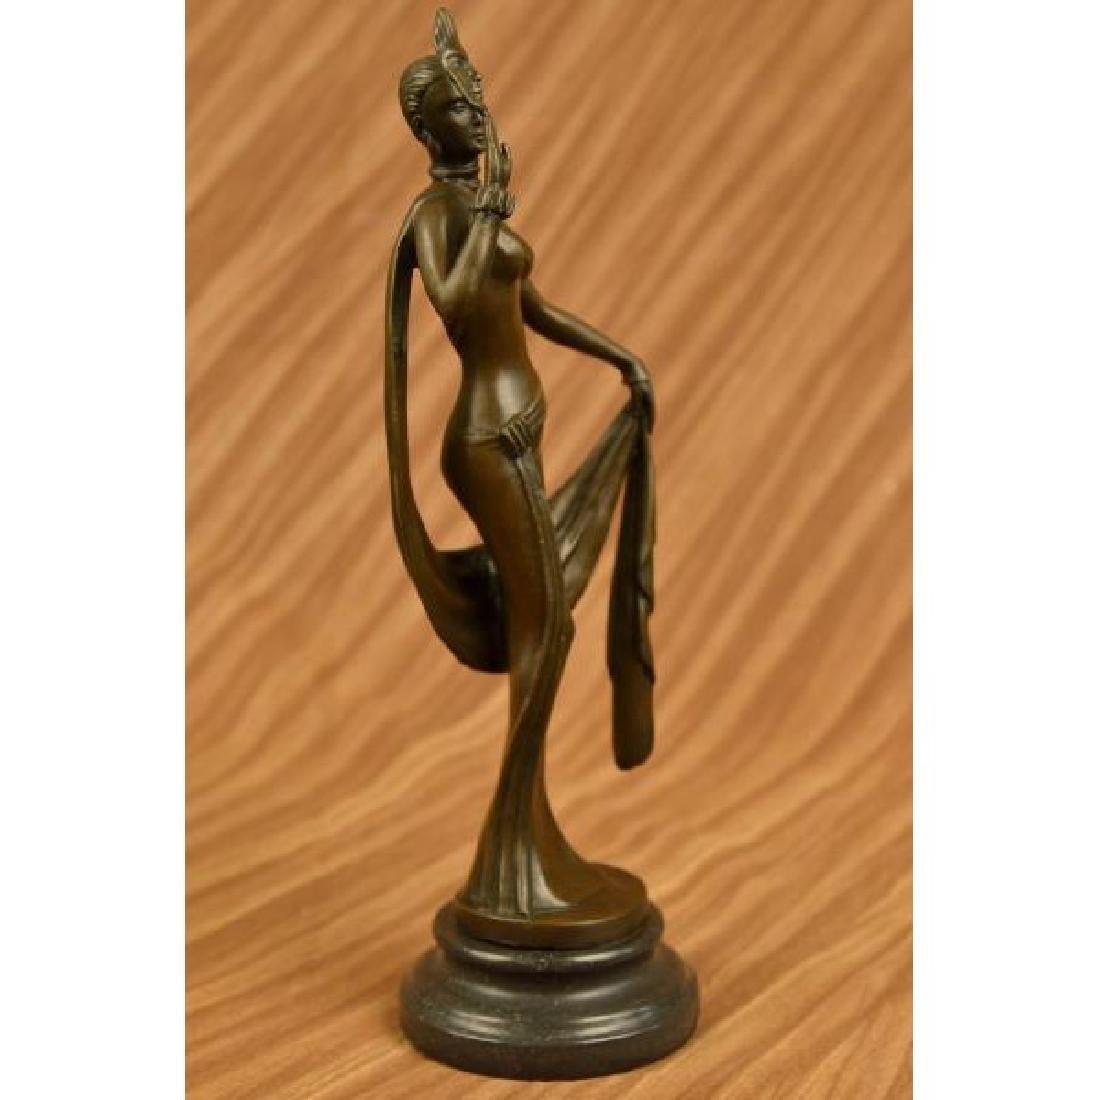 Art Nouveau 1920 Model Bronze Sculpture Hot Cast